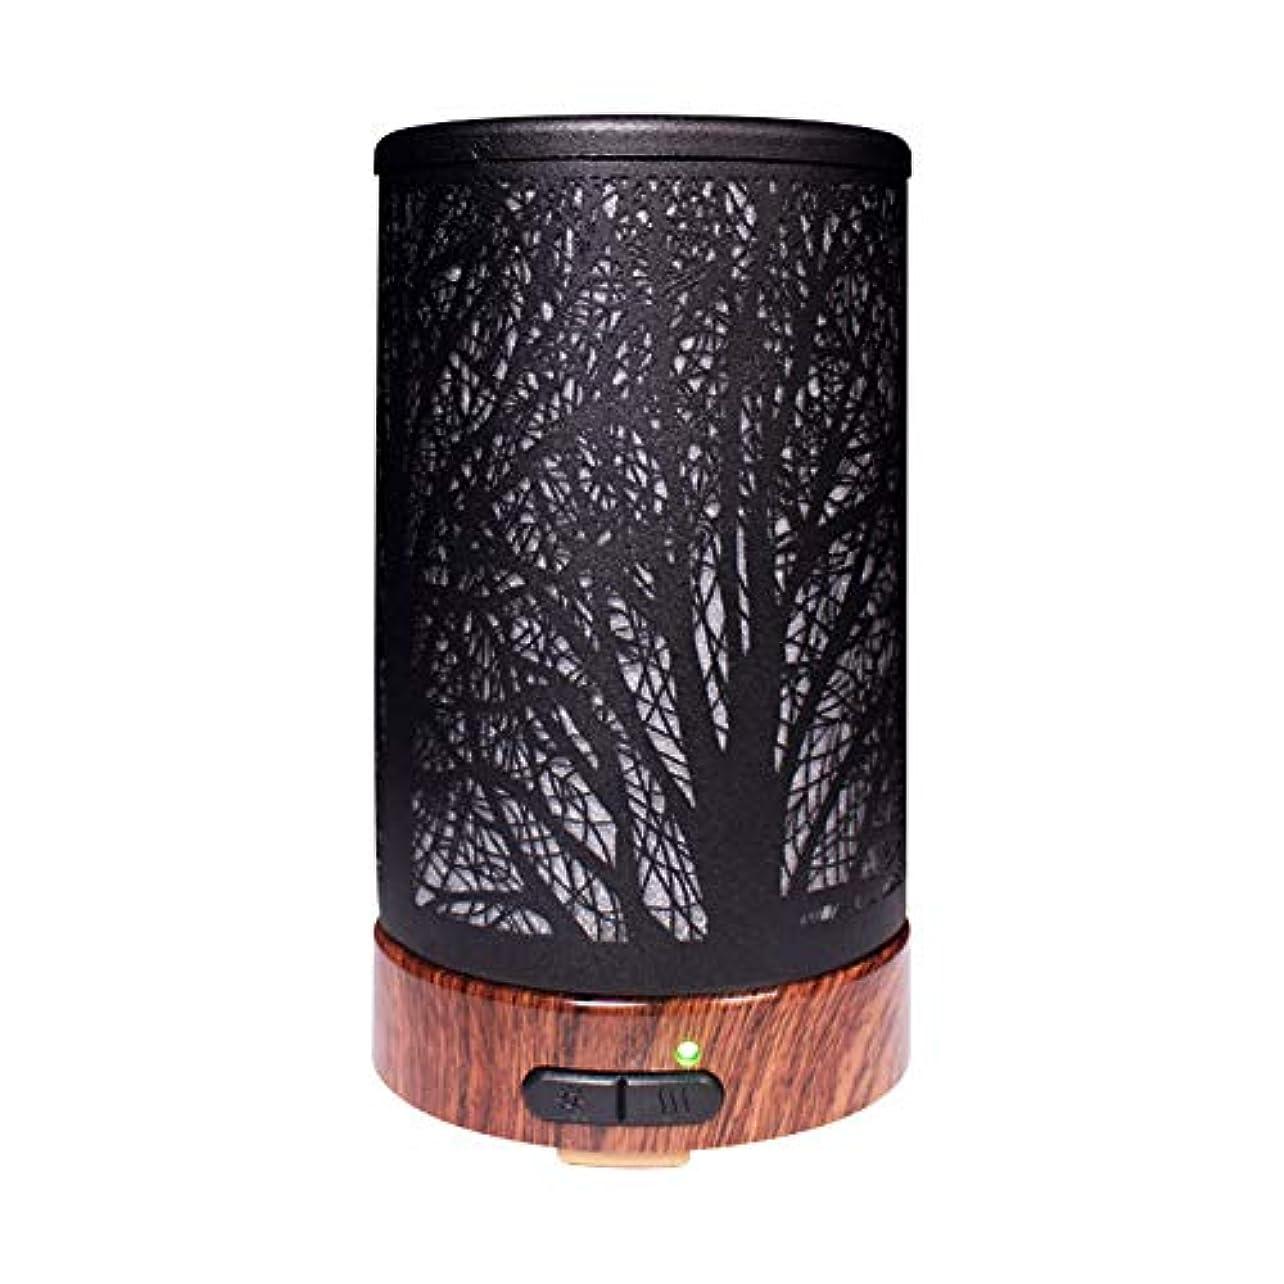 ファーム請うローズエッセンシャルオイルディフューザーと加湿器、ミストエッセンシャルオイルアロマ加湿器用の超音波アロマディフューザー、7色LEDライト